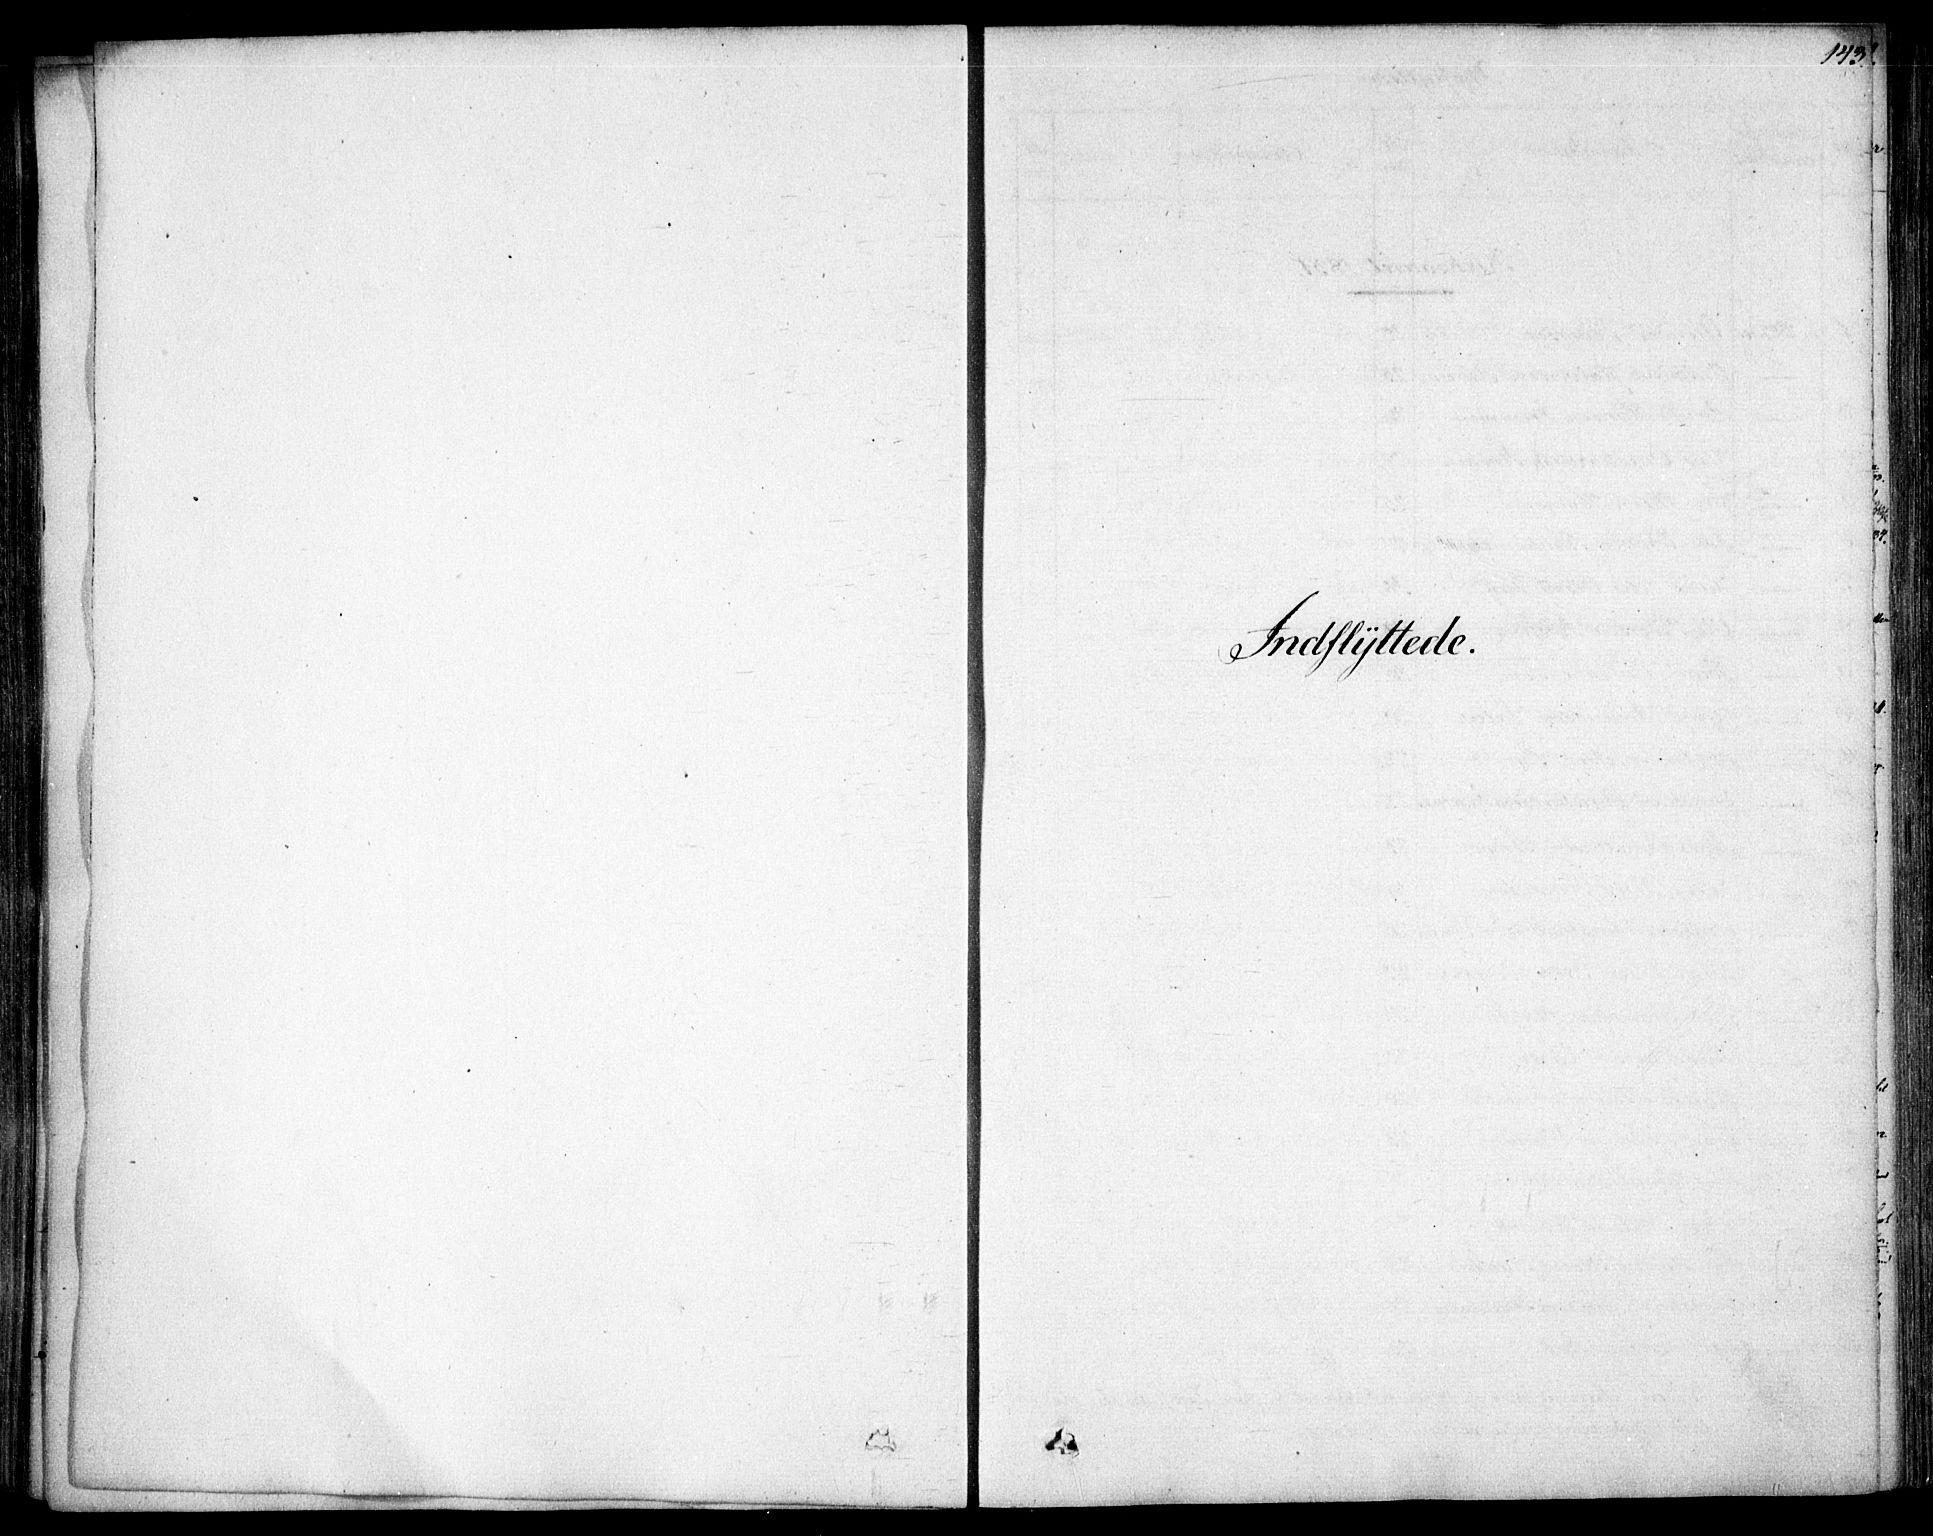 SAO, Garnisonsmenigheten Kirkebøker, F/Fa/L0007: Ministerialbok nr. 7, 1828-1881, s. 143